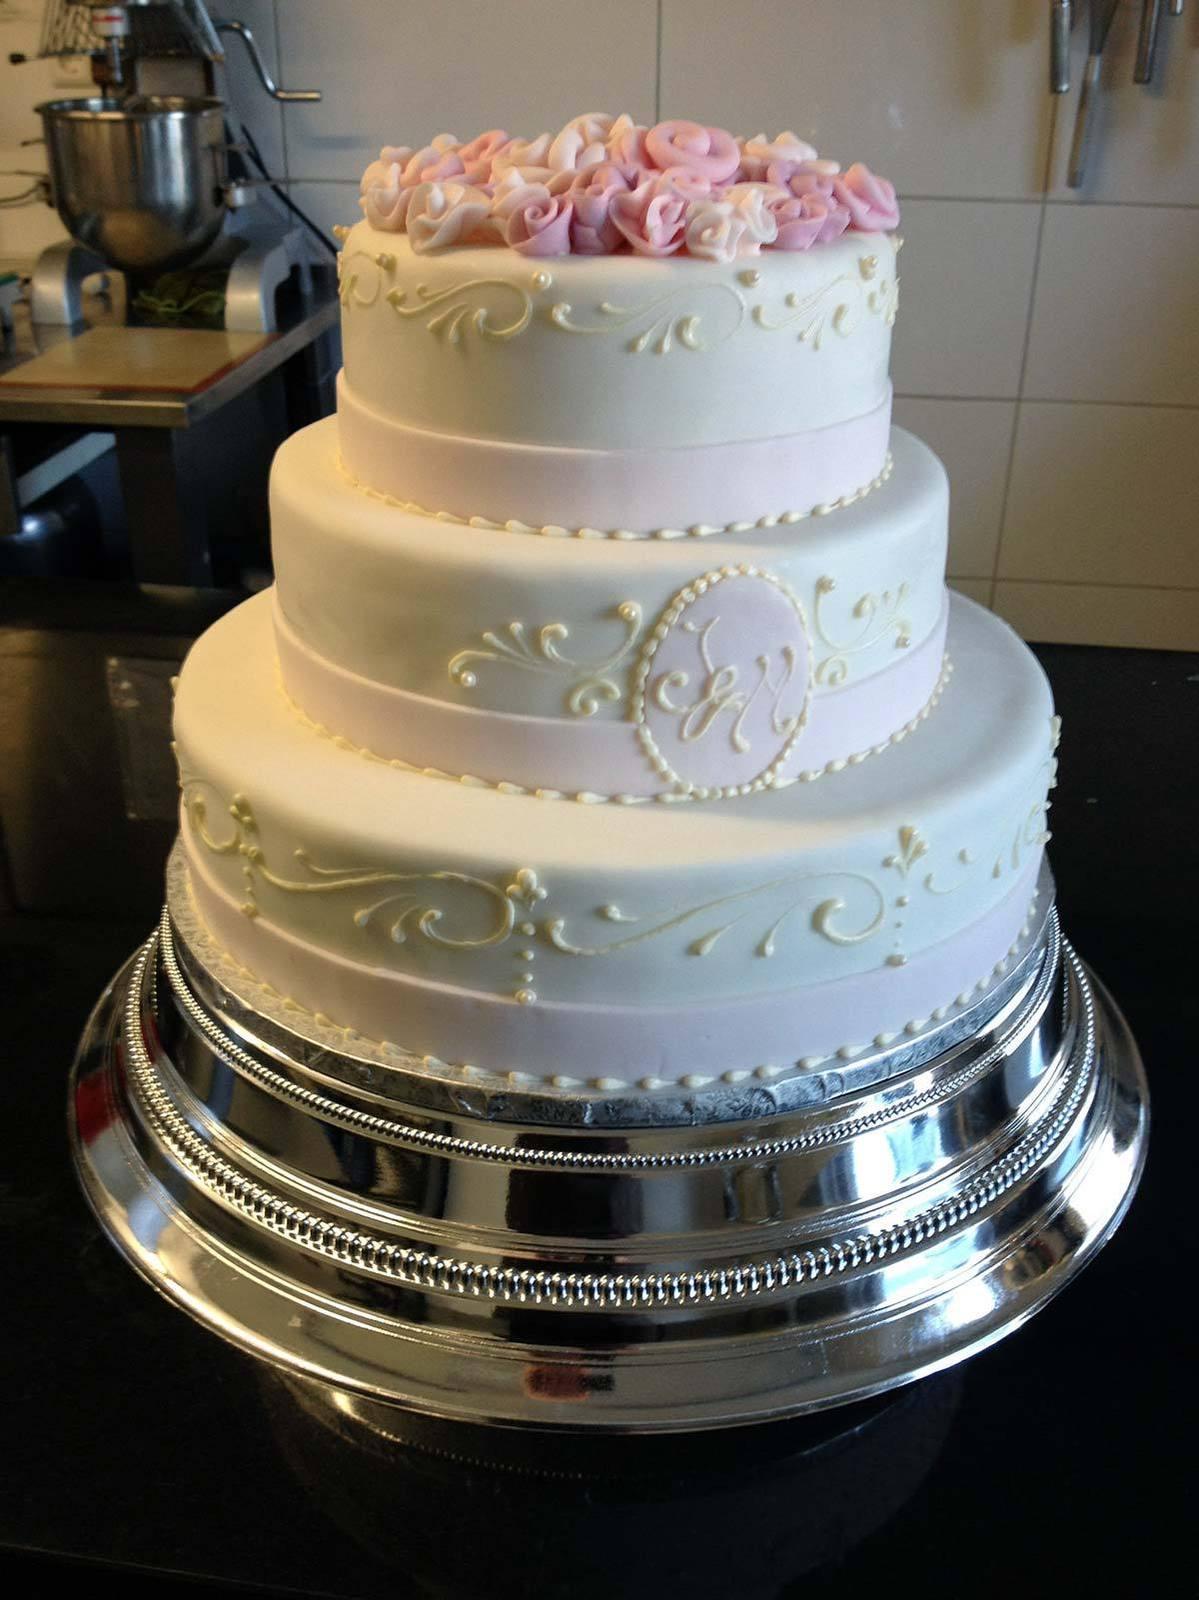 HochzeitsTorte Weie Torte mit Rosendeko auf Jade